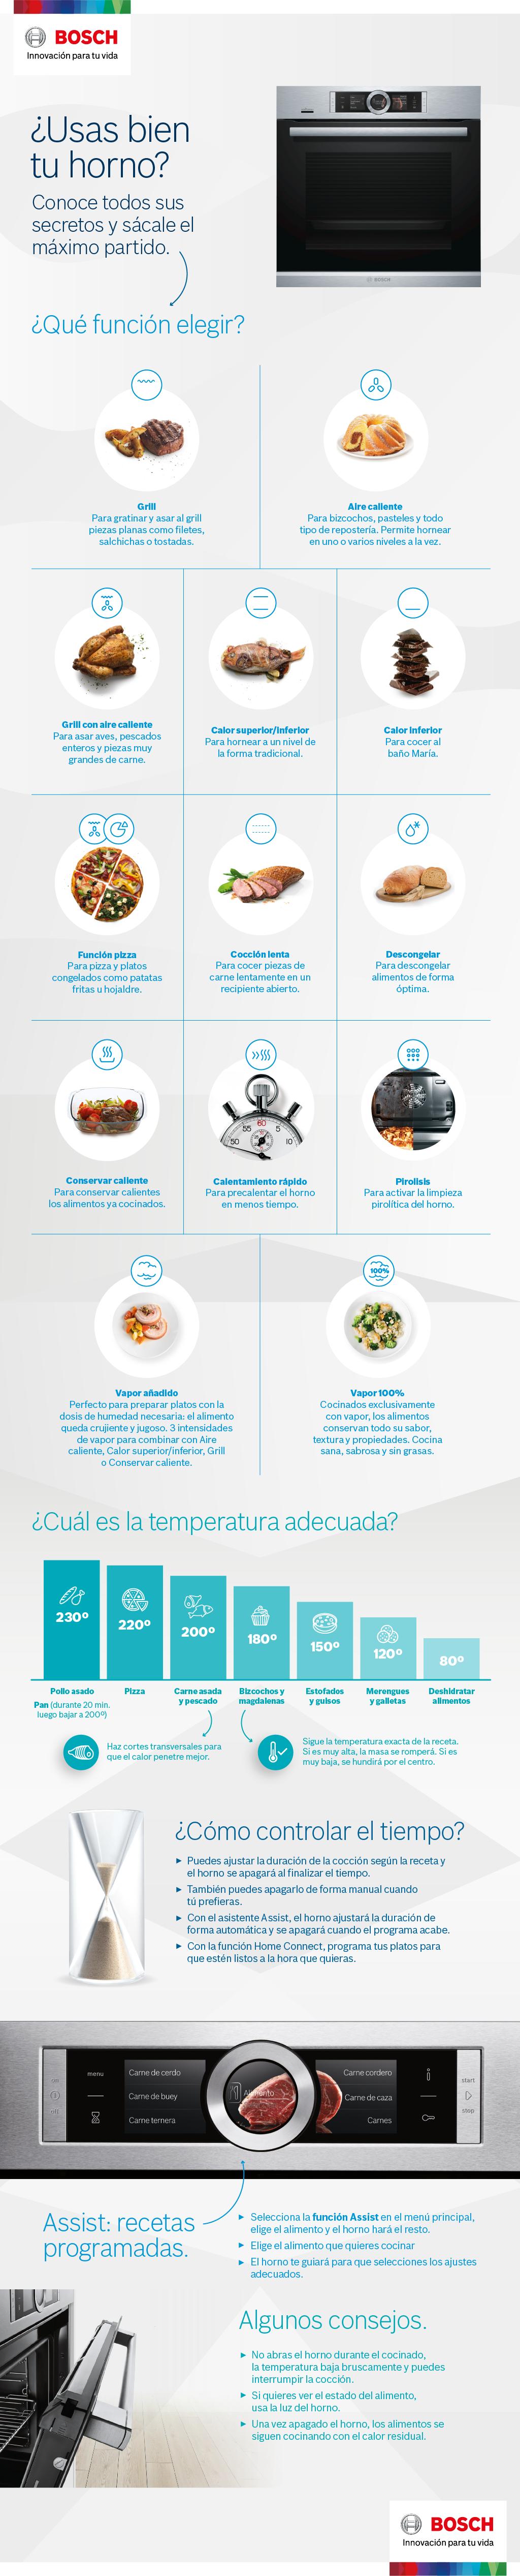 Cómo usar el horno correctamente